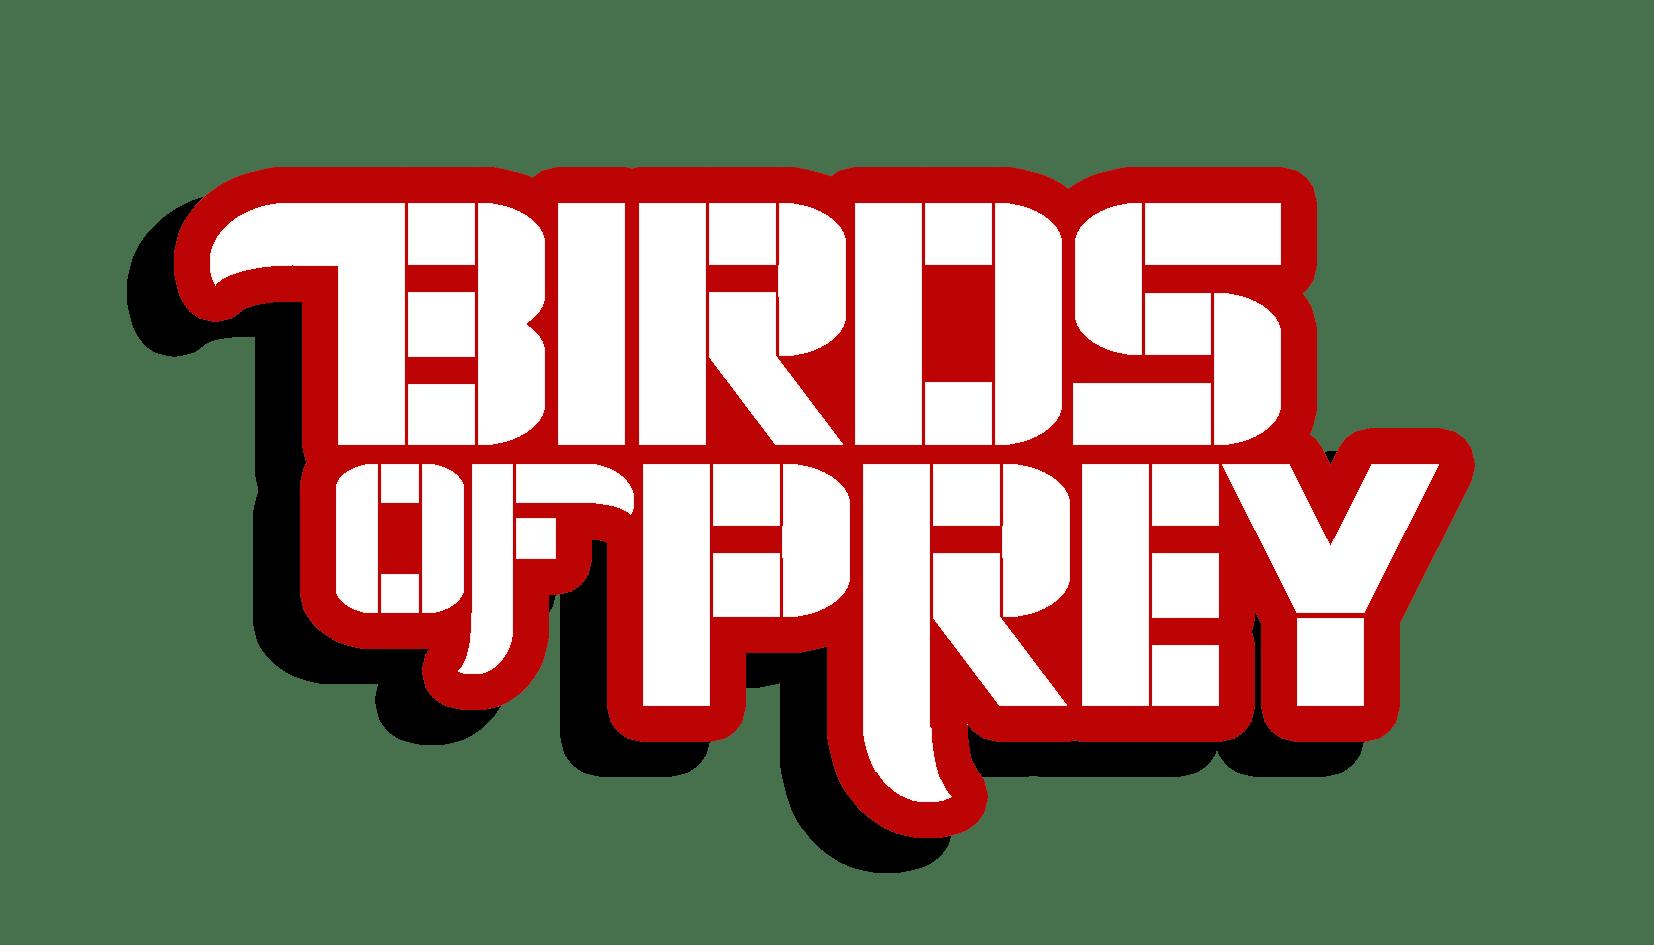 Birds_of_Prey_Vol_3_Logo.png